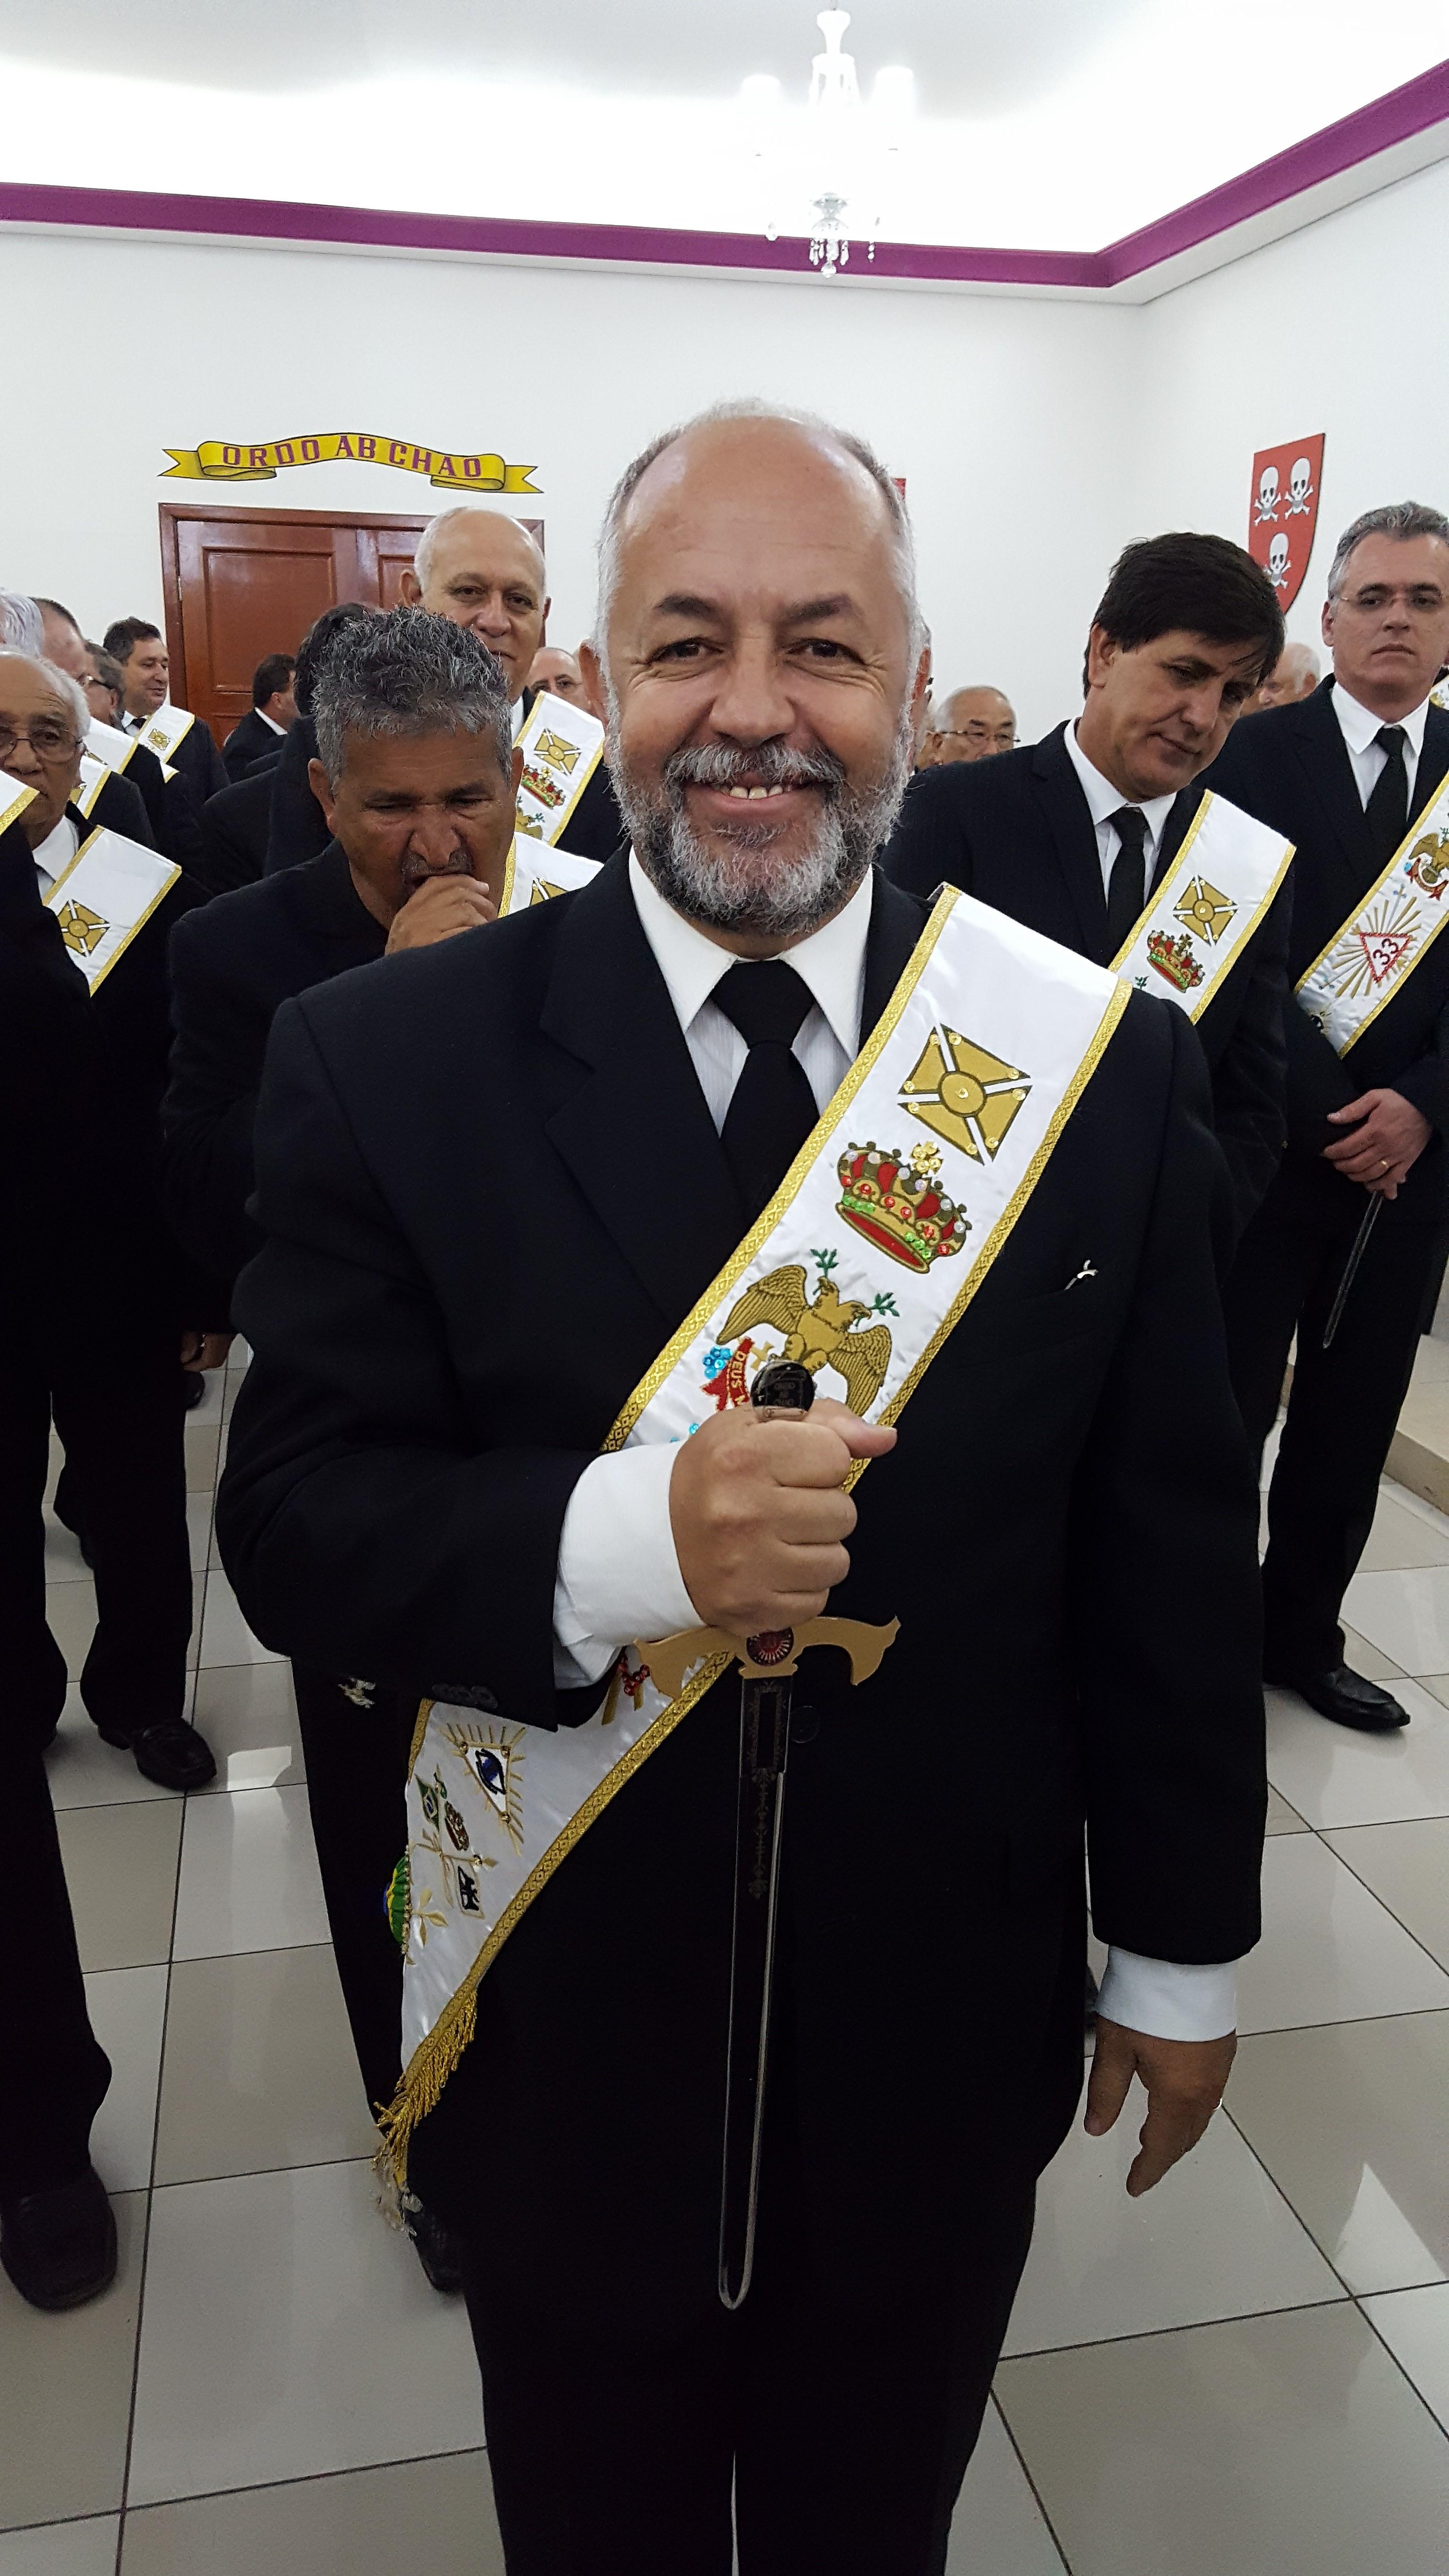 Iniciação Gr 33 - São Paulo - 2017